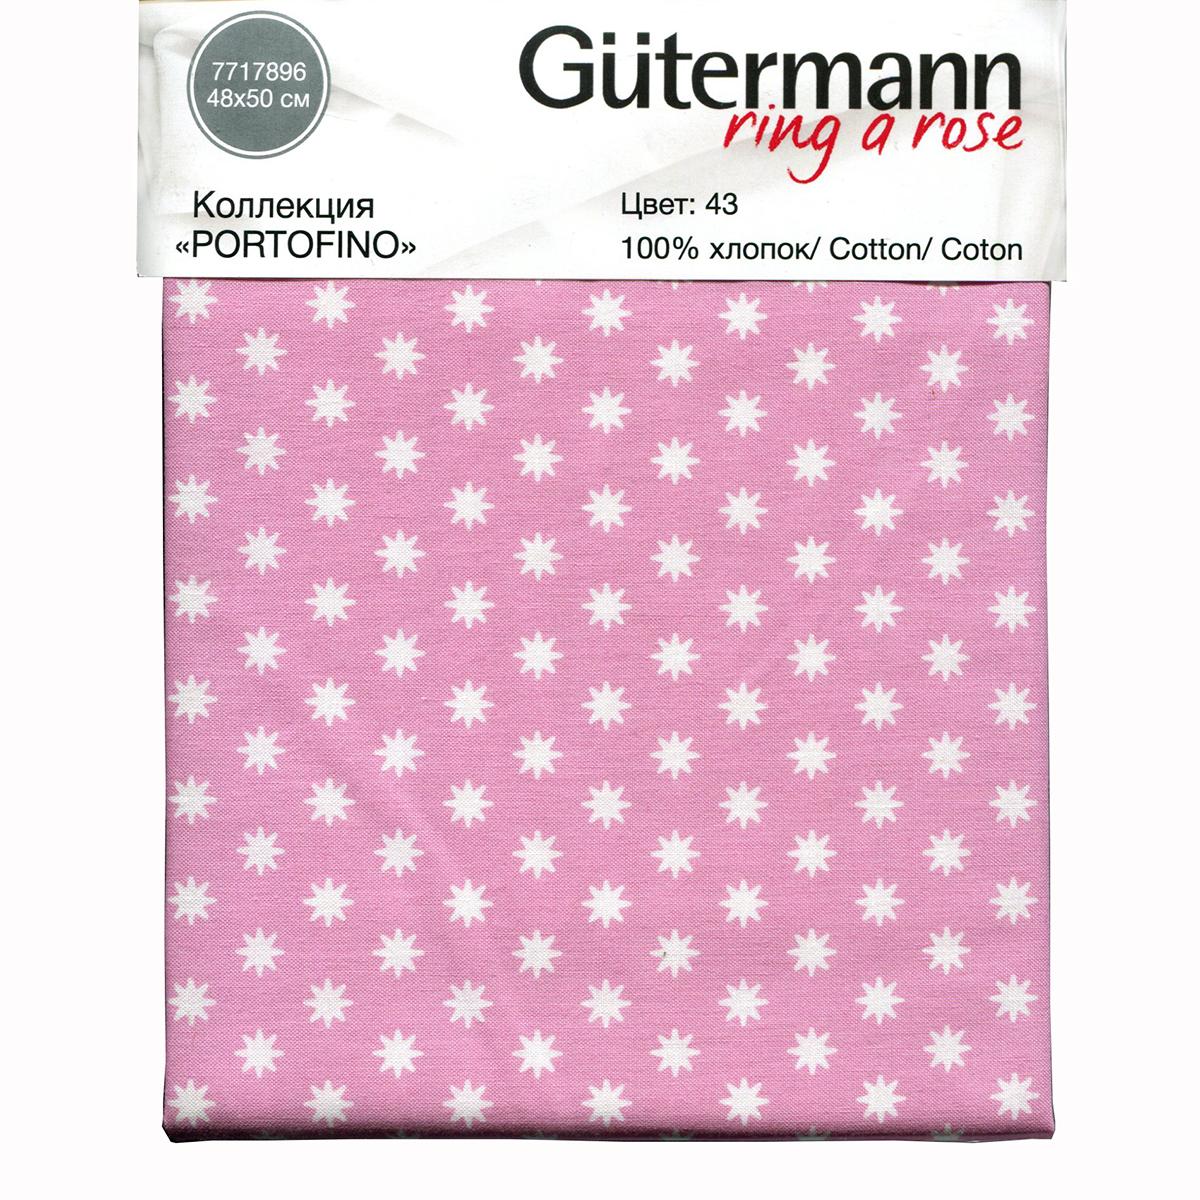 Ткань Gutermann Portofino, 48 х 50 см. 647594_43KOC_GIR288LEDBALL_RХлопковая ткань от Gutermann (Гутерманн) выполнена из 100% натурального материала, идеально подойдет для шитья одежды, постельного белья, декорирования. Ткань не линяет, не осыпается по краям и не дает усадки.